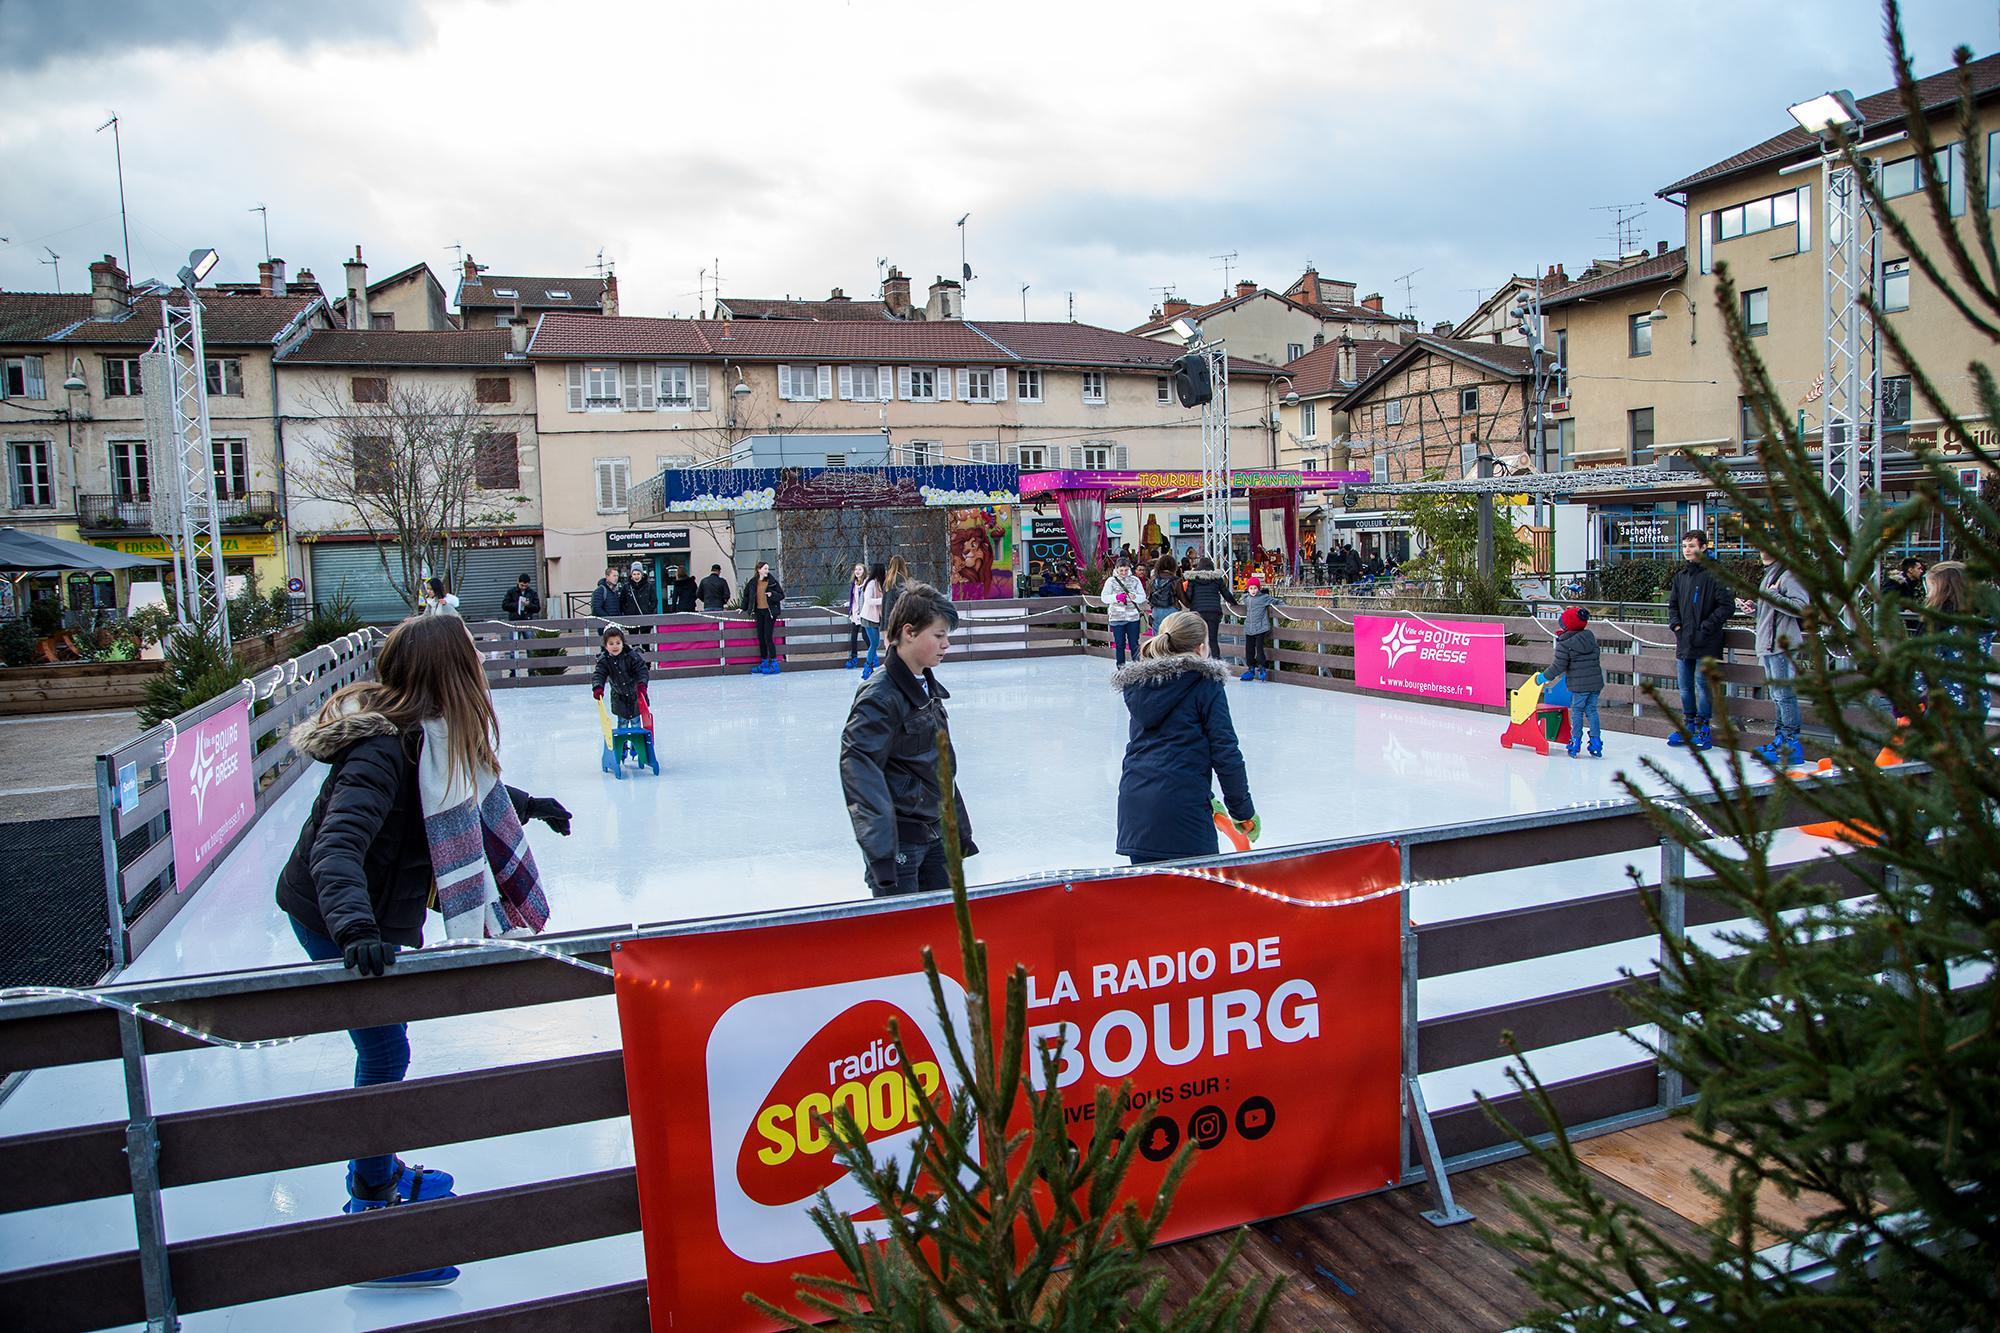 La patinoire de no l s 39 installe au c ur de la ville de for Piscine de bourg en bresse